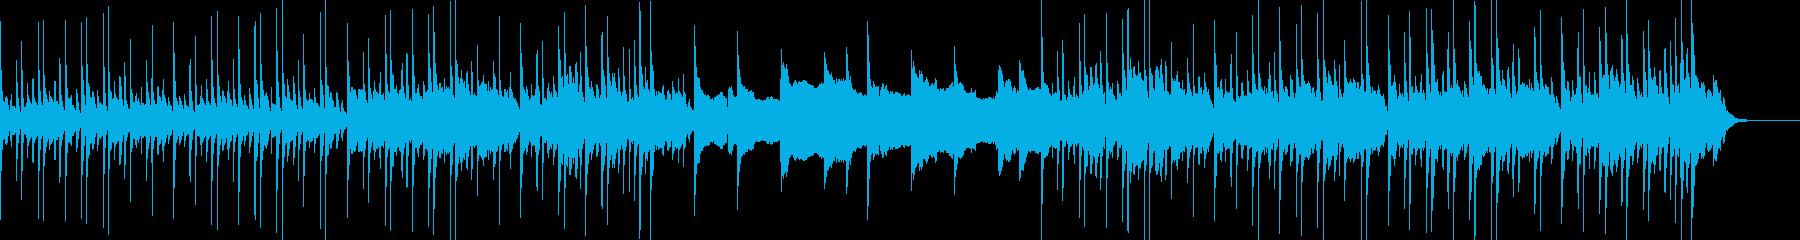 お寺や桜 三味線と琴・尺八・篳篥の再生済みの波形